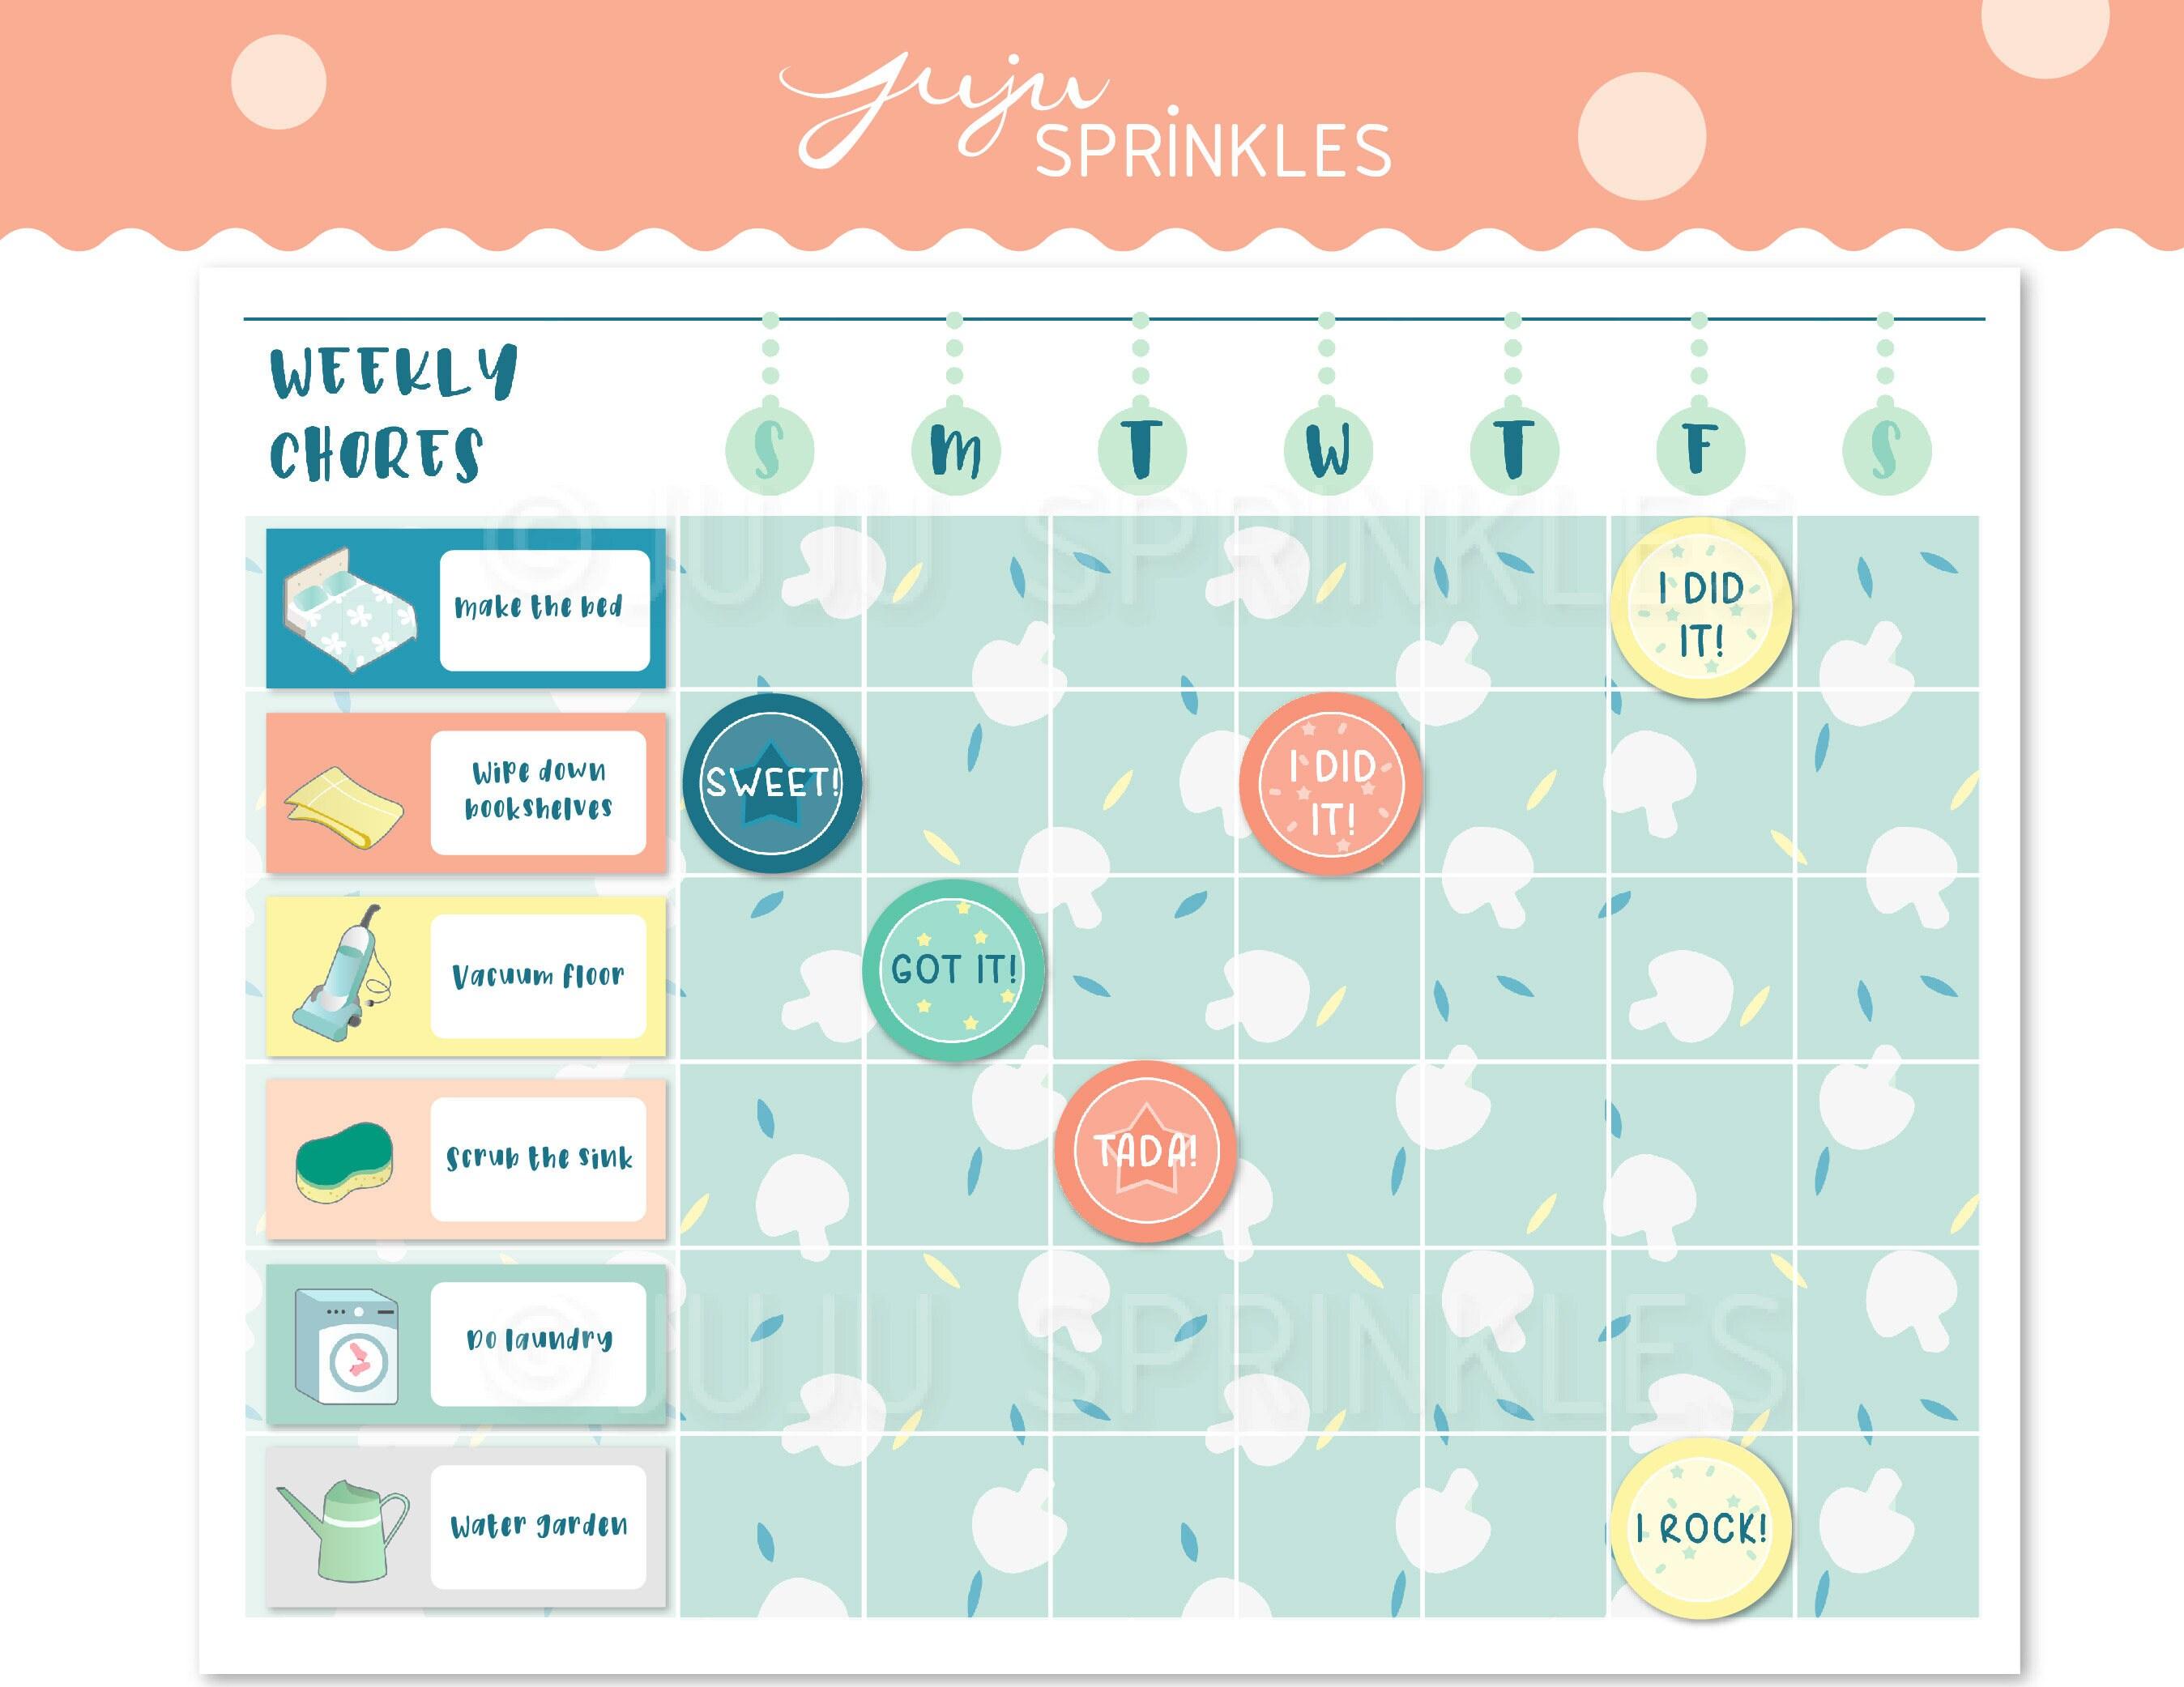 image regarding Printable Kids Chore Chart identified as Printable Chore Chart, Printable Little ones Chore Chart, Printable Cleansing Chart, Printable Chore Stickers, Housechore Stickers, Prompt Obtain